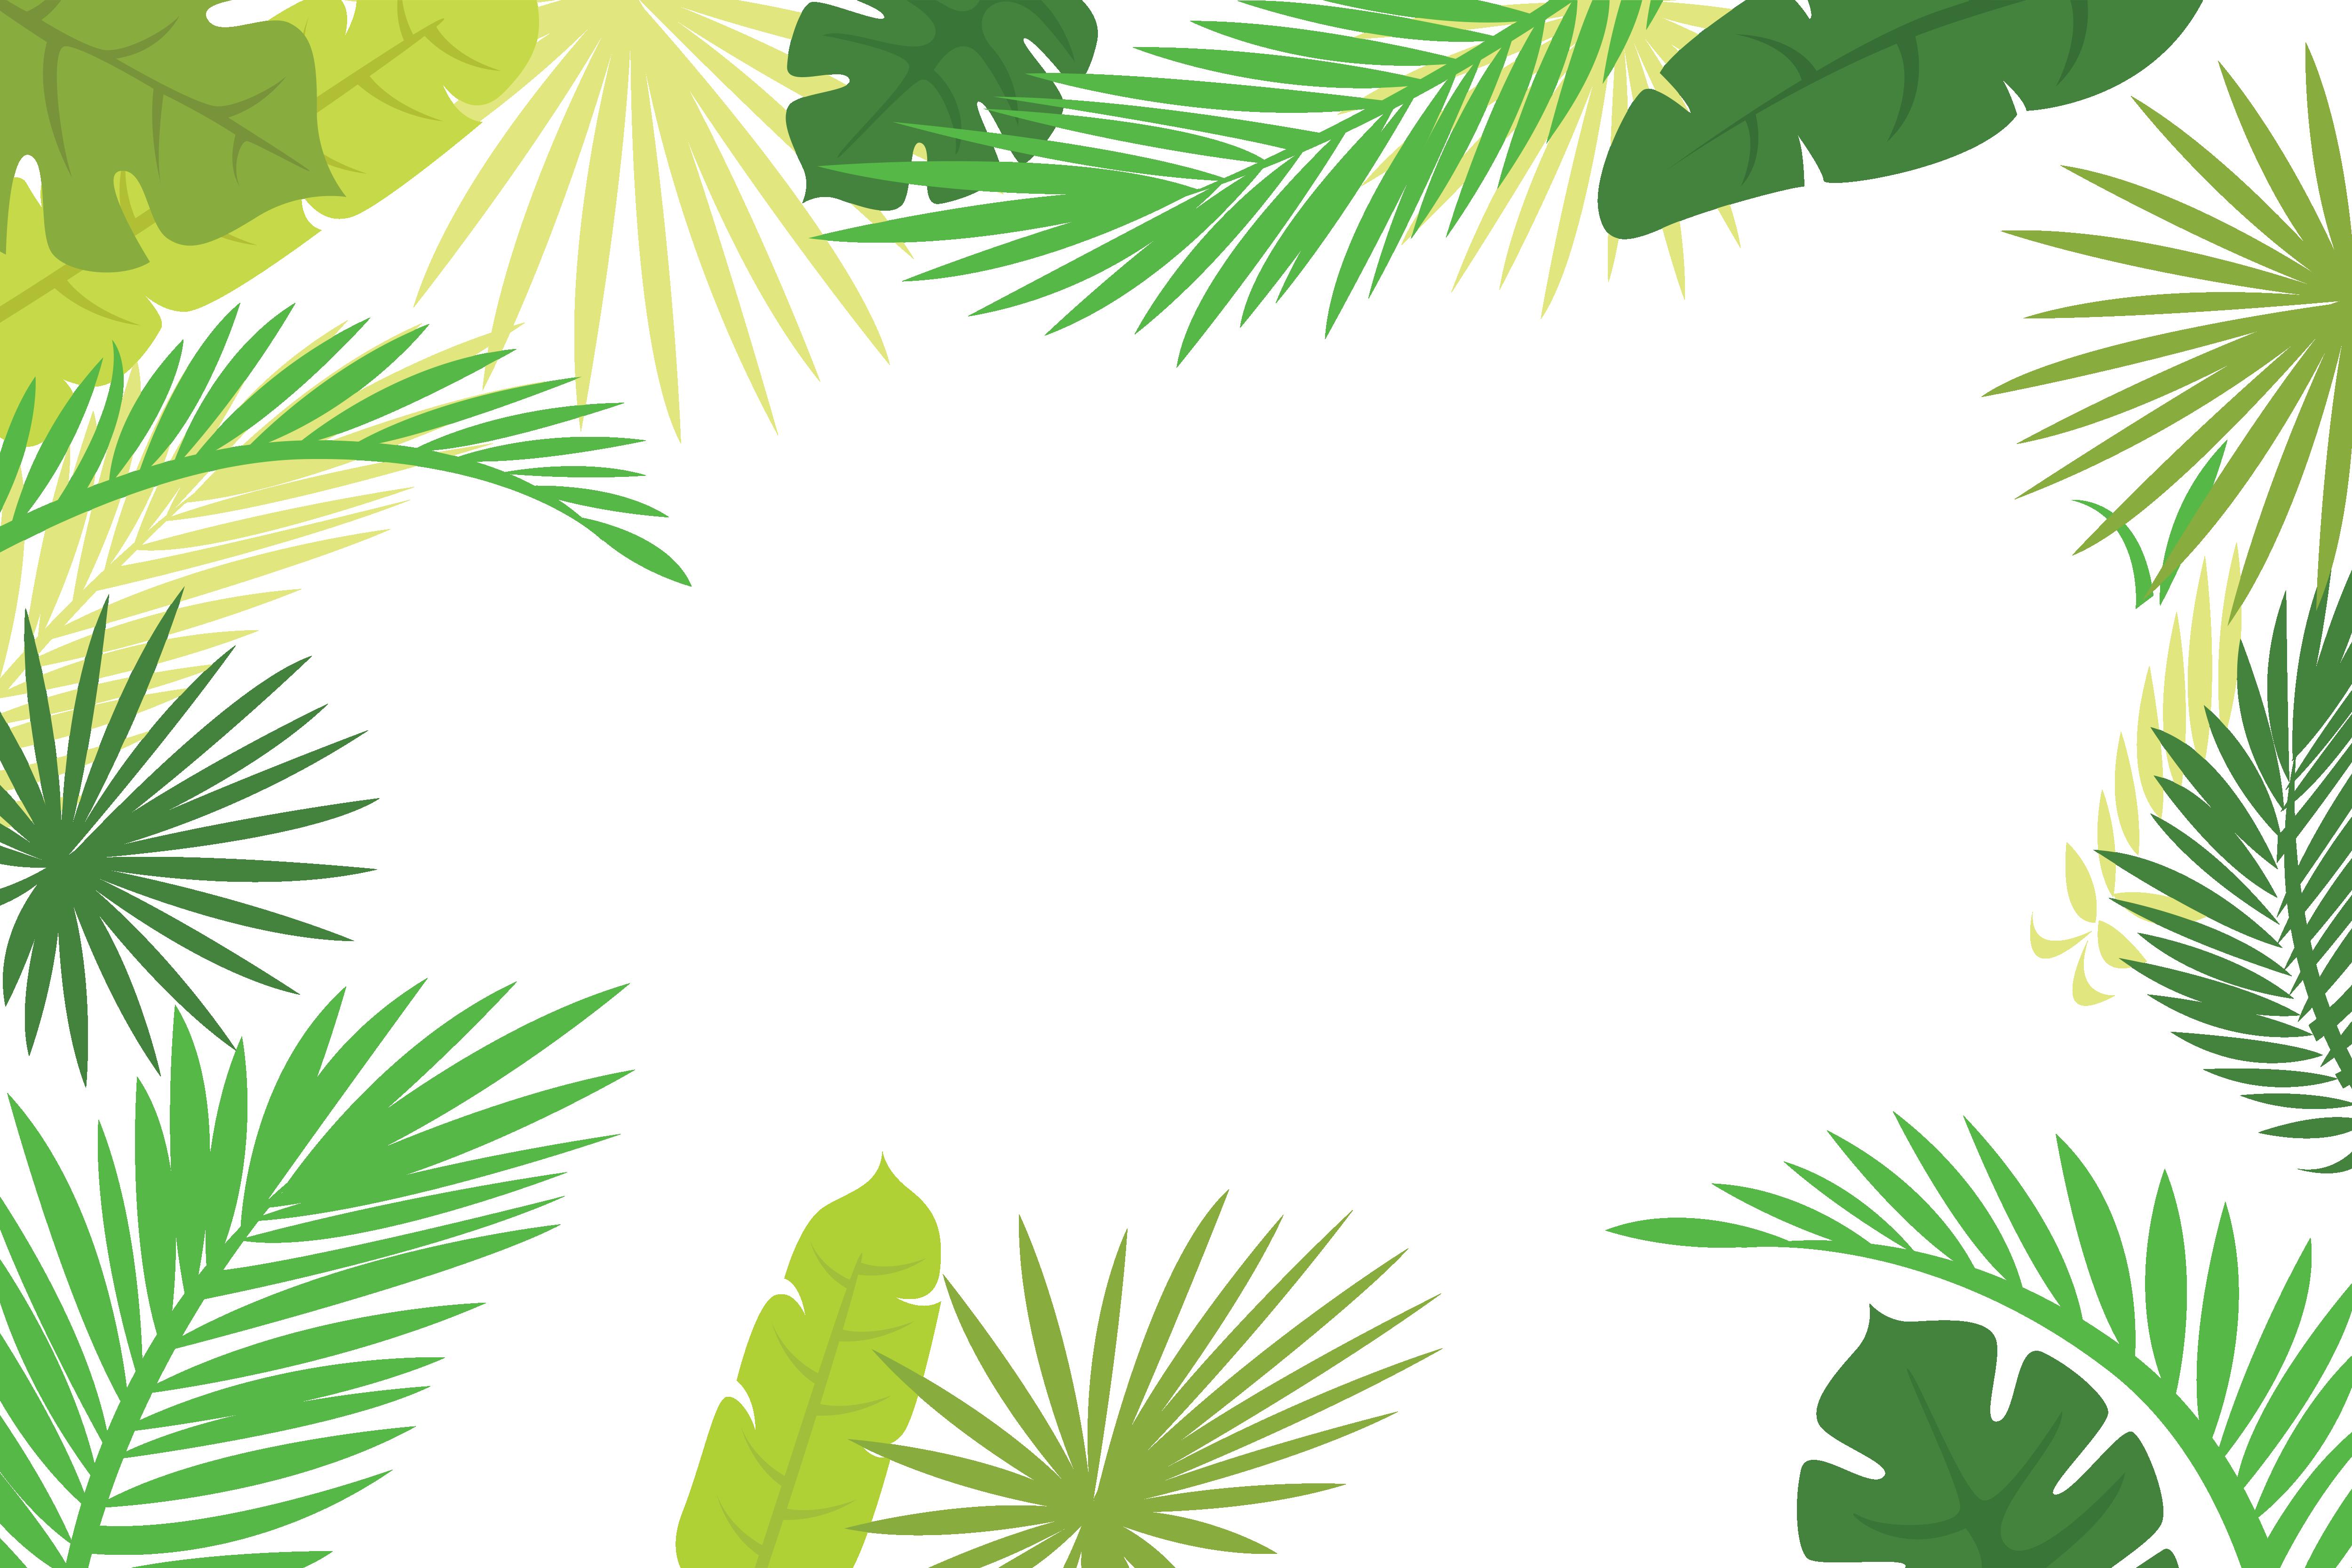 Arecaceae text branch illustration. Leaf border png